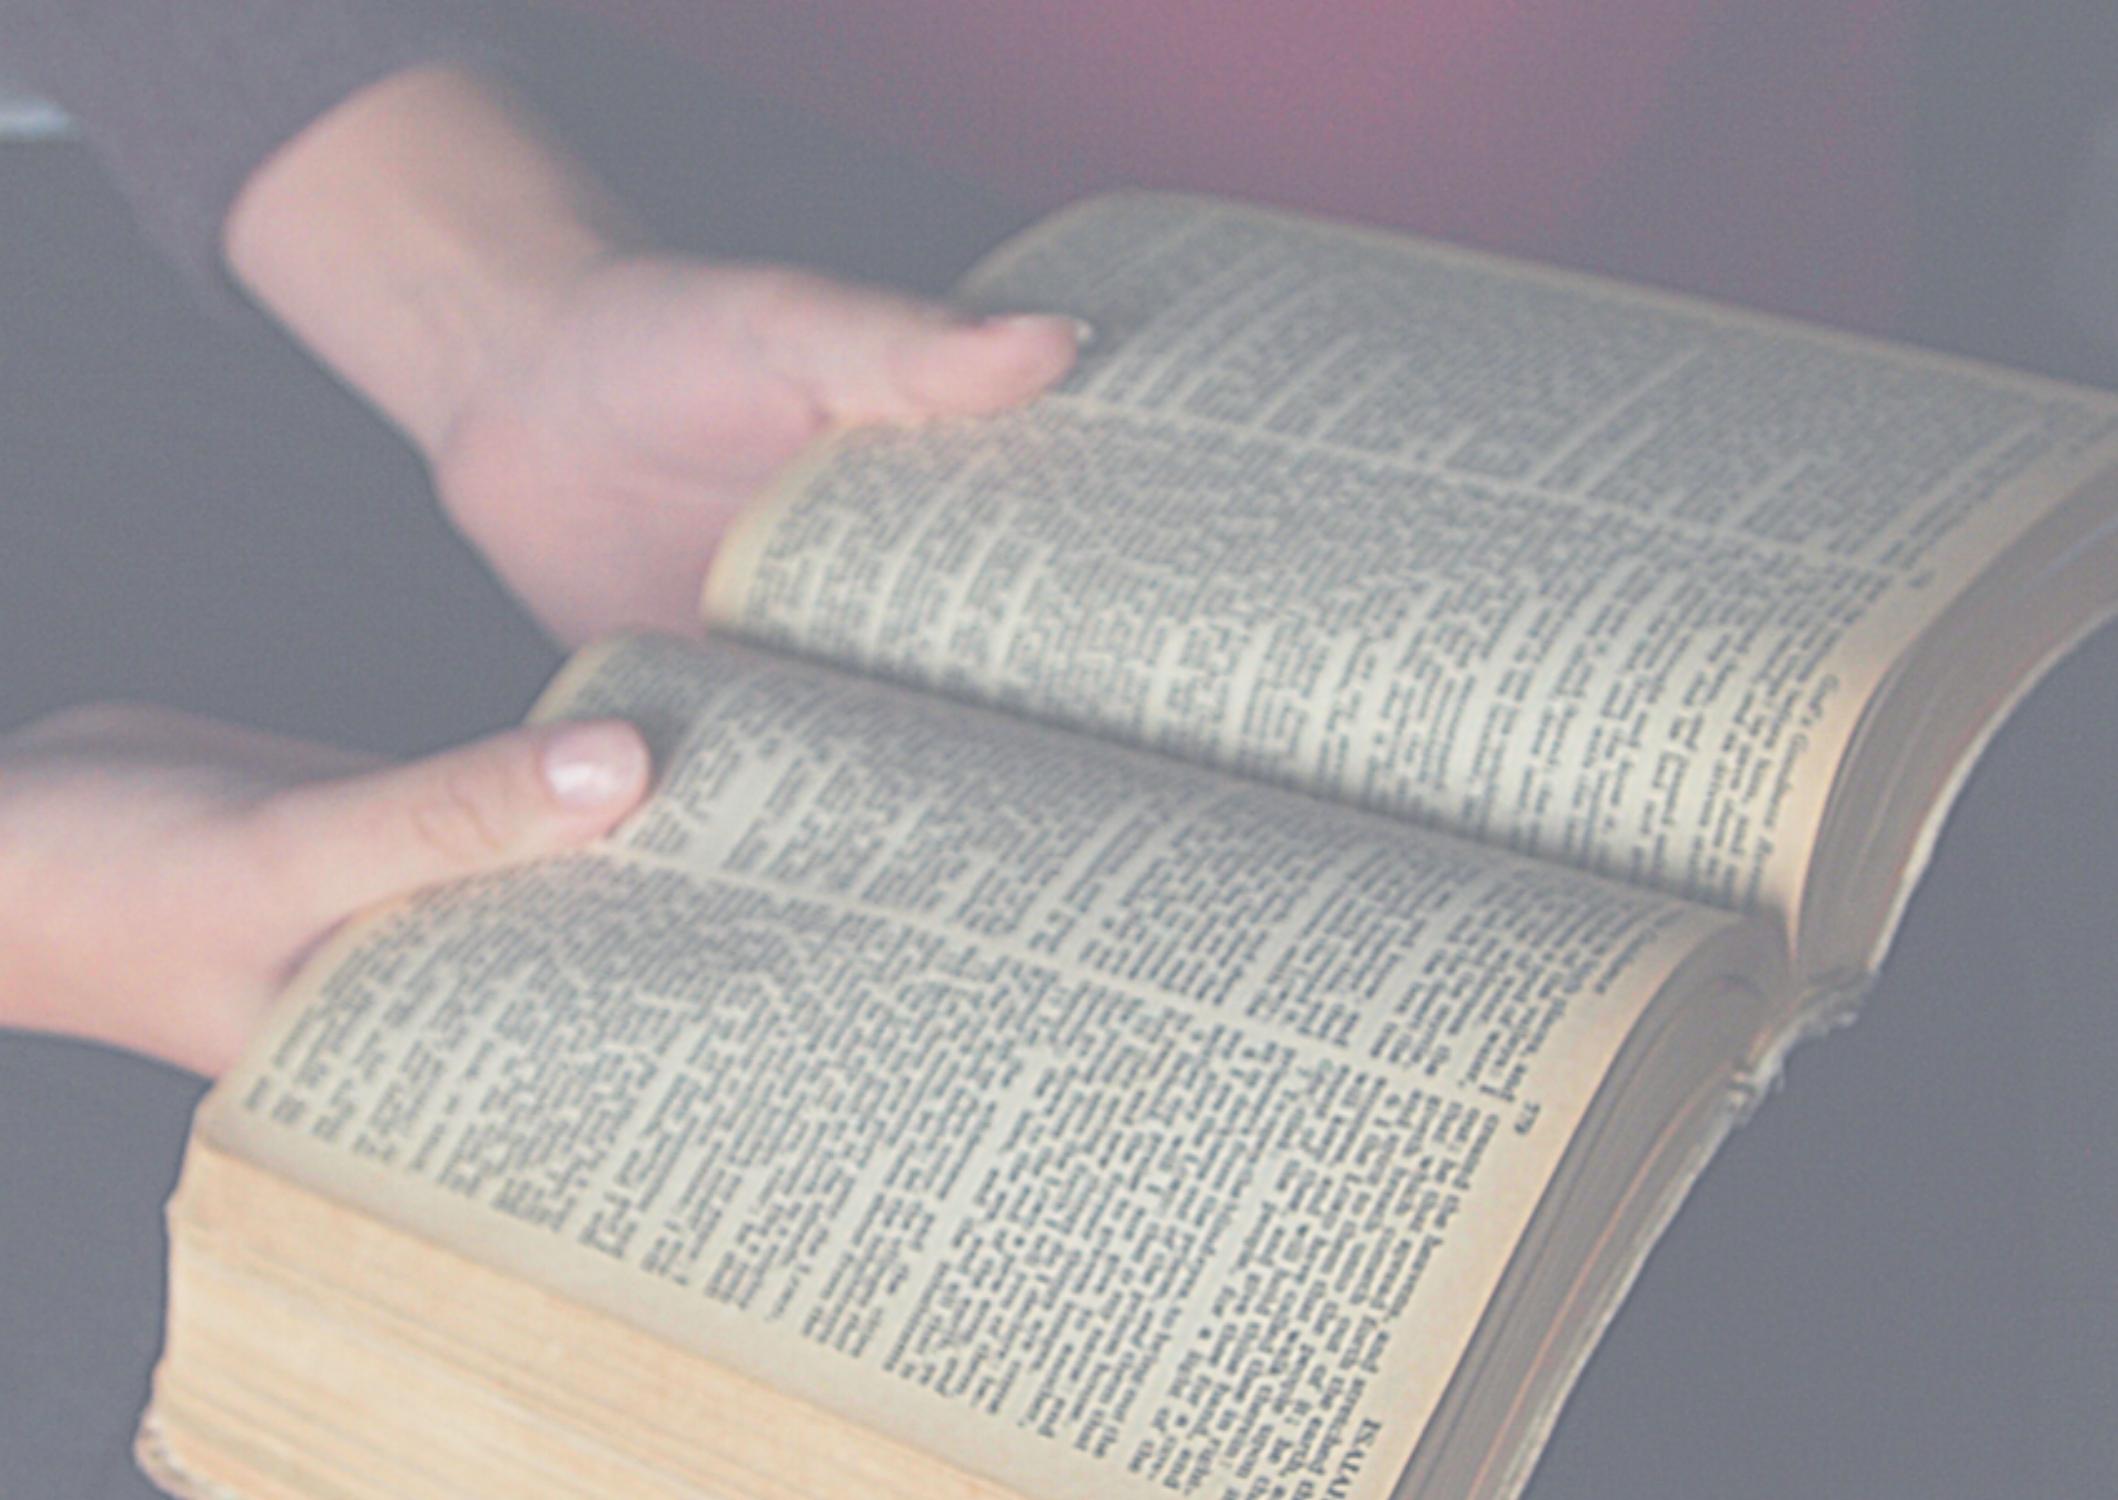 11 - AVERAGE WEEKLY BIBLE STUDY ATTENDANCE